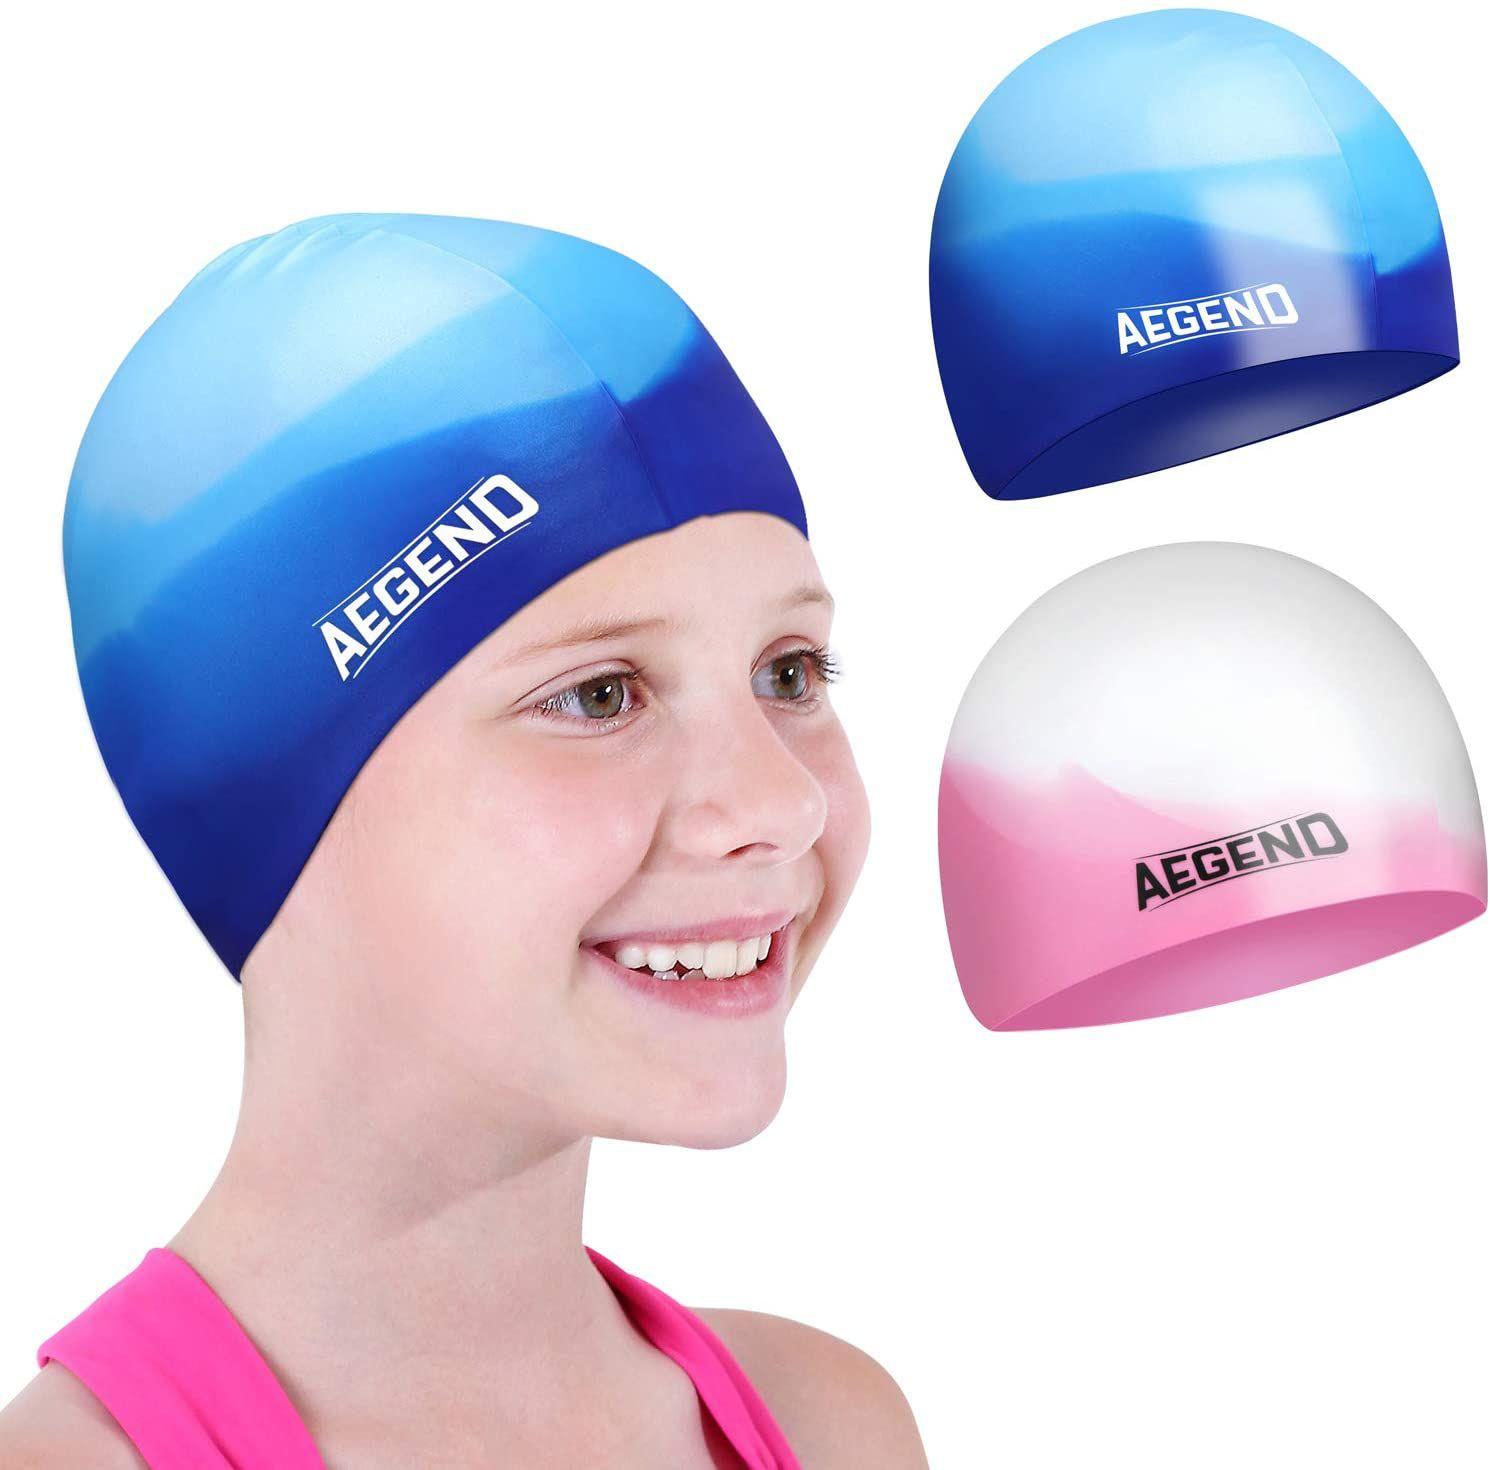 Aegend Silicone Swim Cap 2-Pack